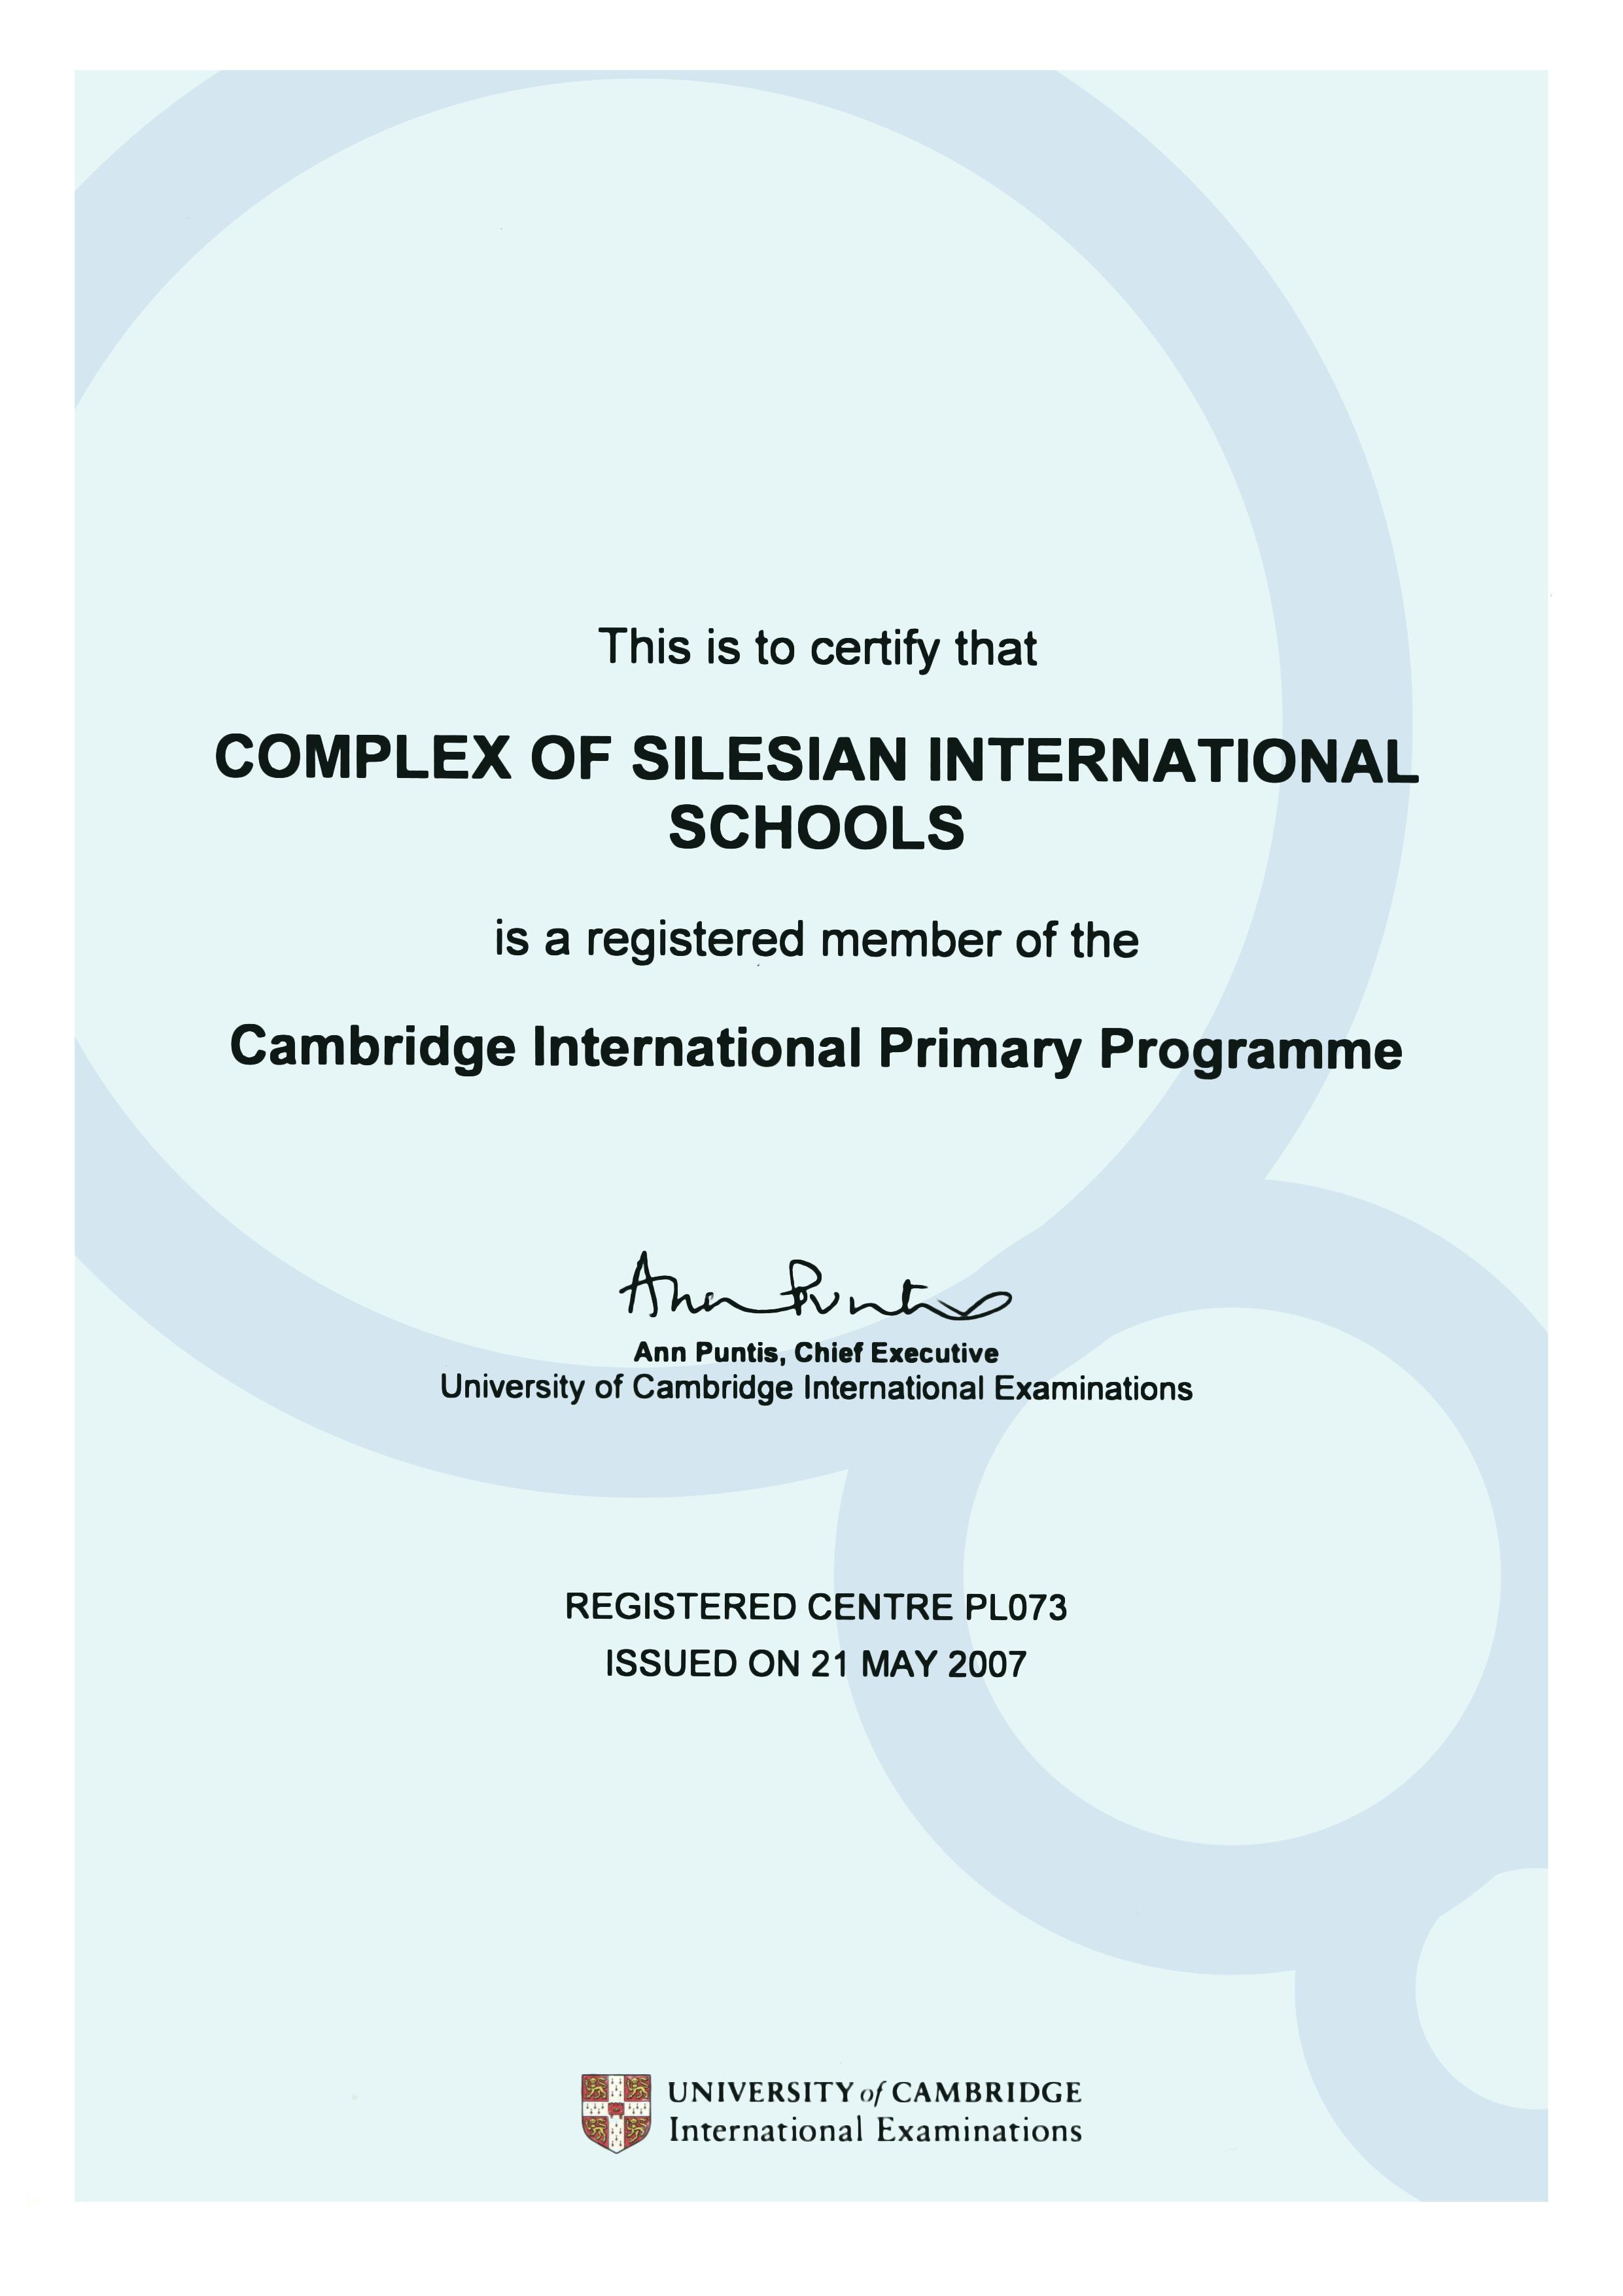 Certyfikat dla Complex of Silesian International School poświadczający, iż szkoła jest członkiem Cambridge International Primary Programme